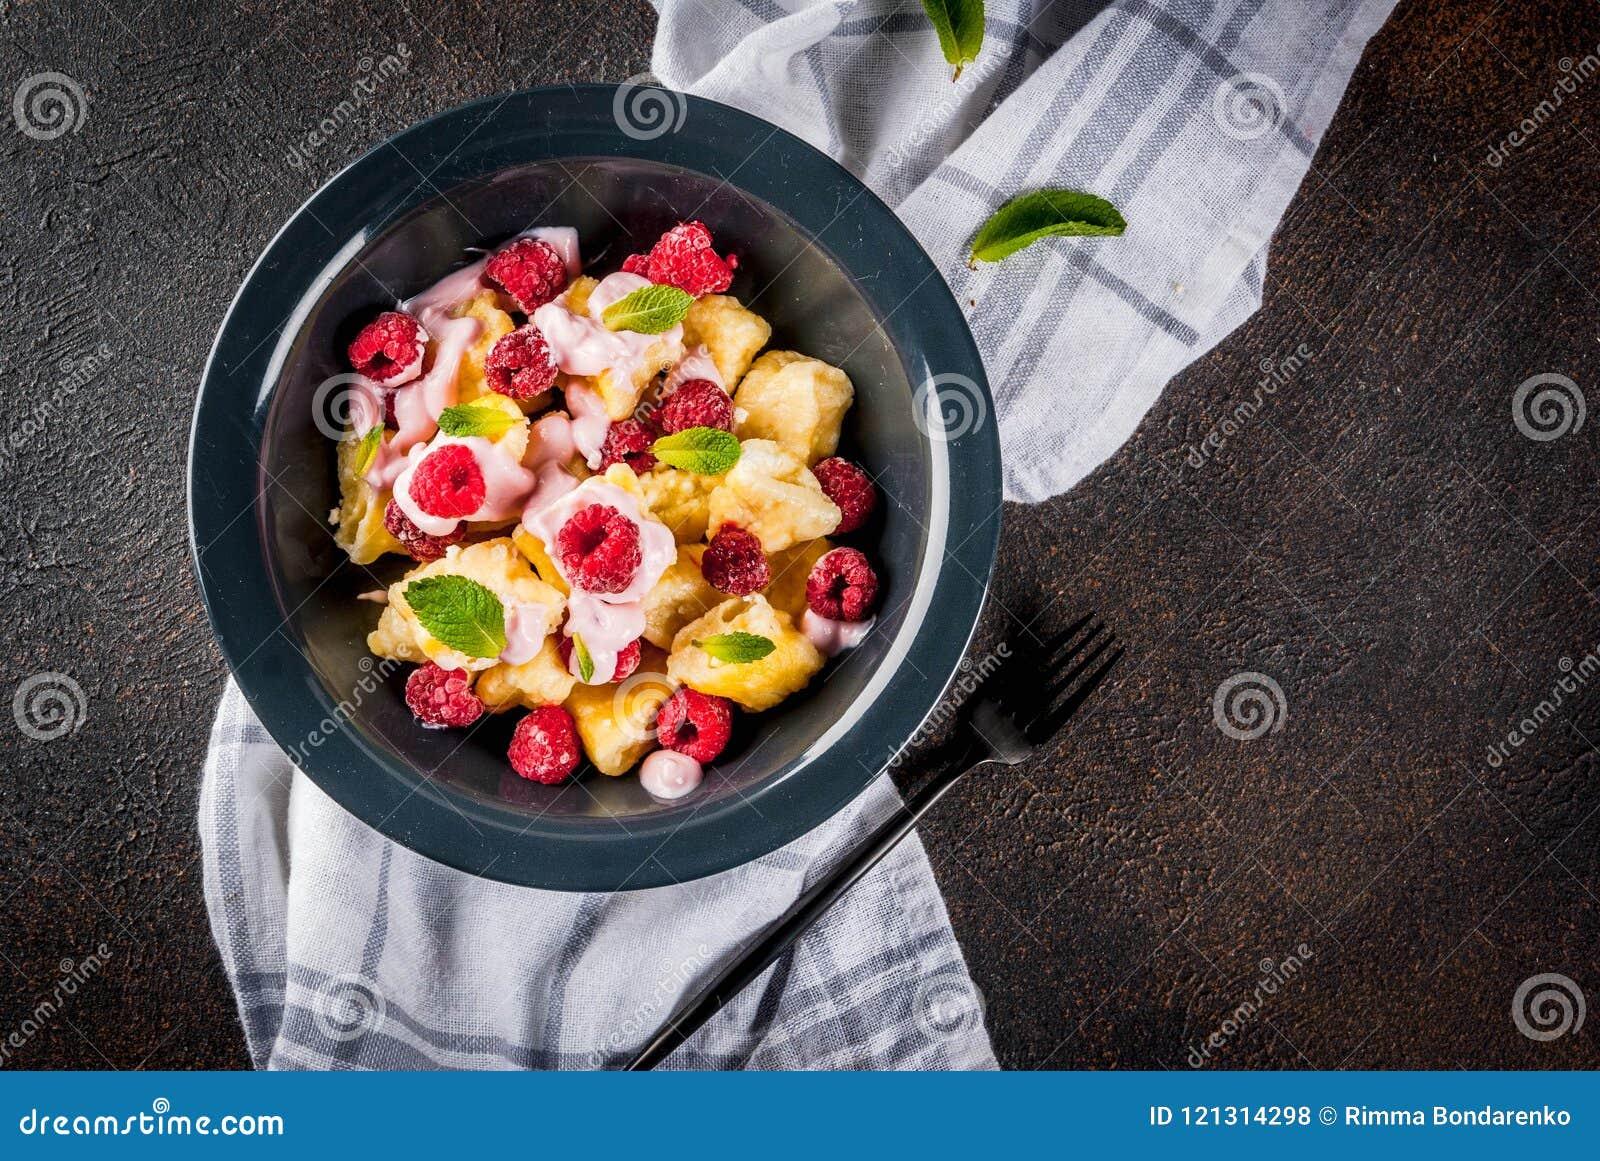 Kniaź, Rosyjski jedzenie, gnuśny vareniki; Curd lub sera gnocchi w